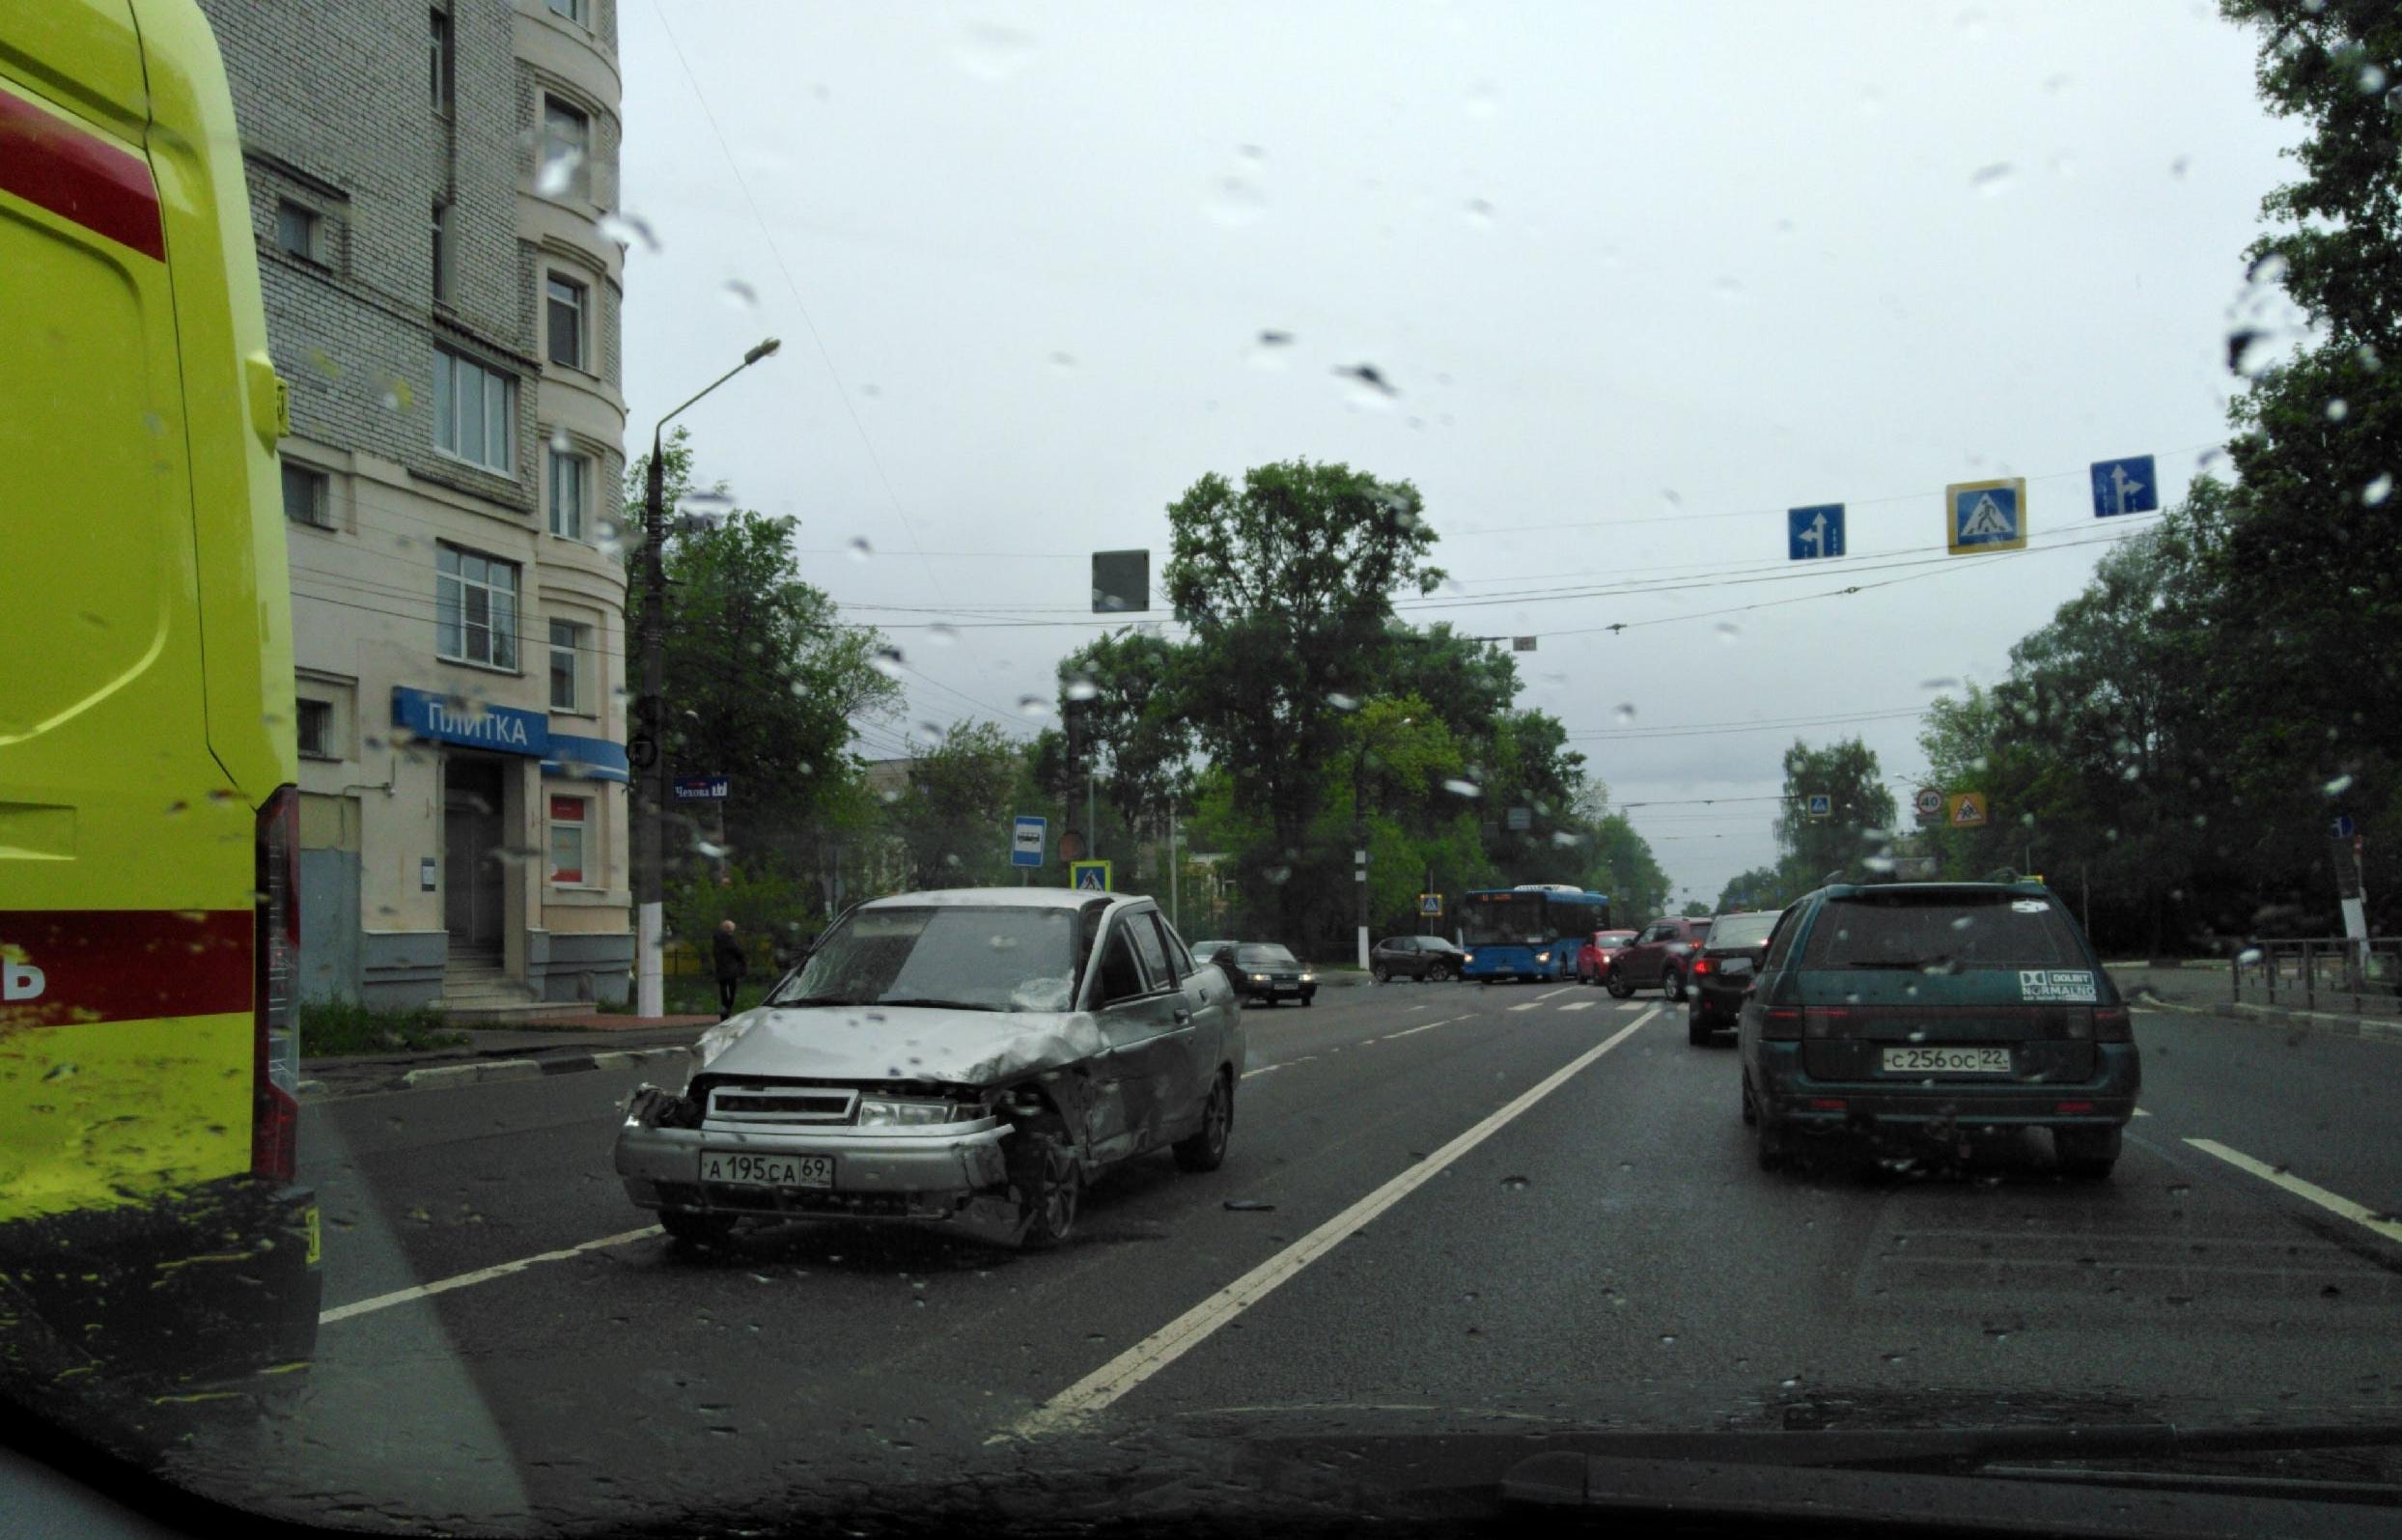 В Твери столкнулись три автомобиля, есть пострадавший - новости Афанасий